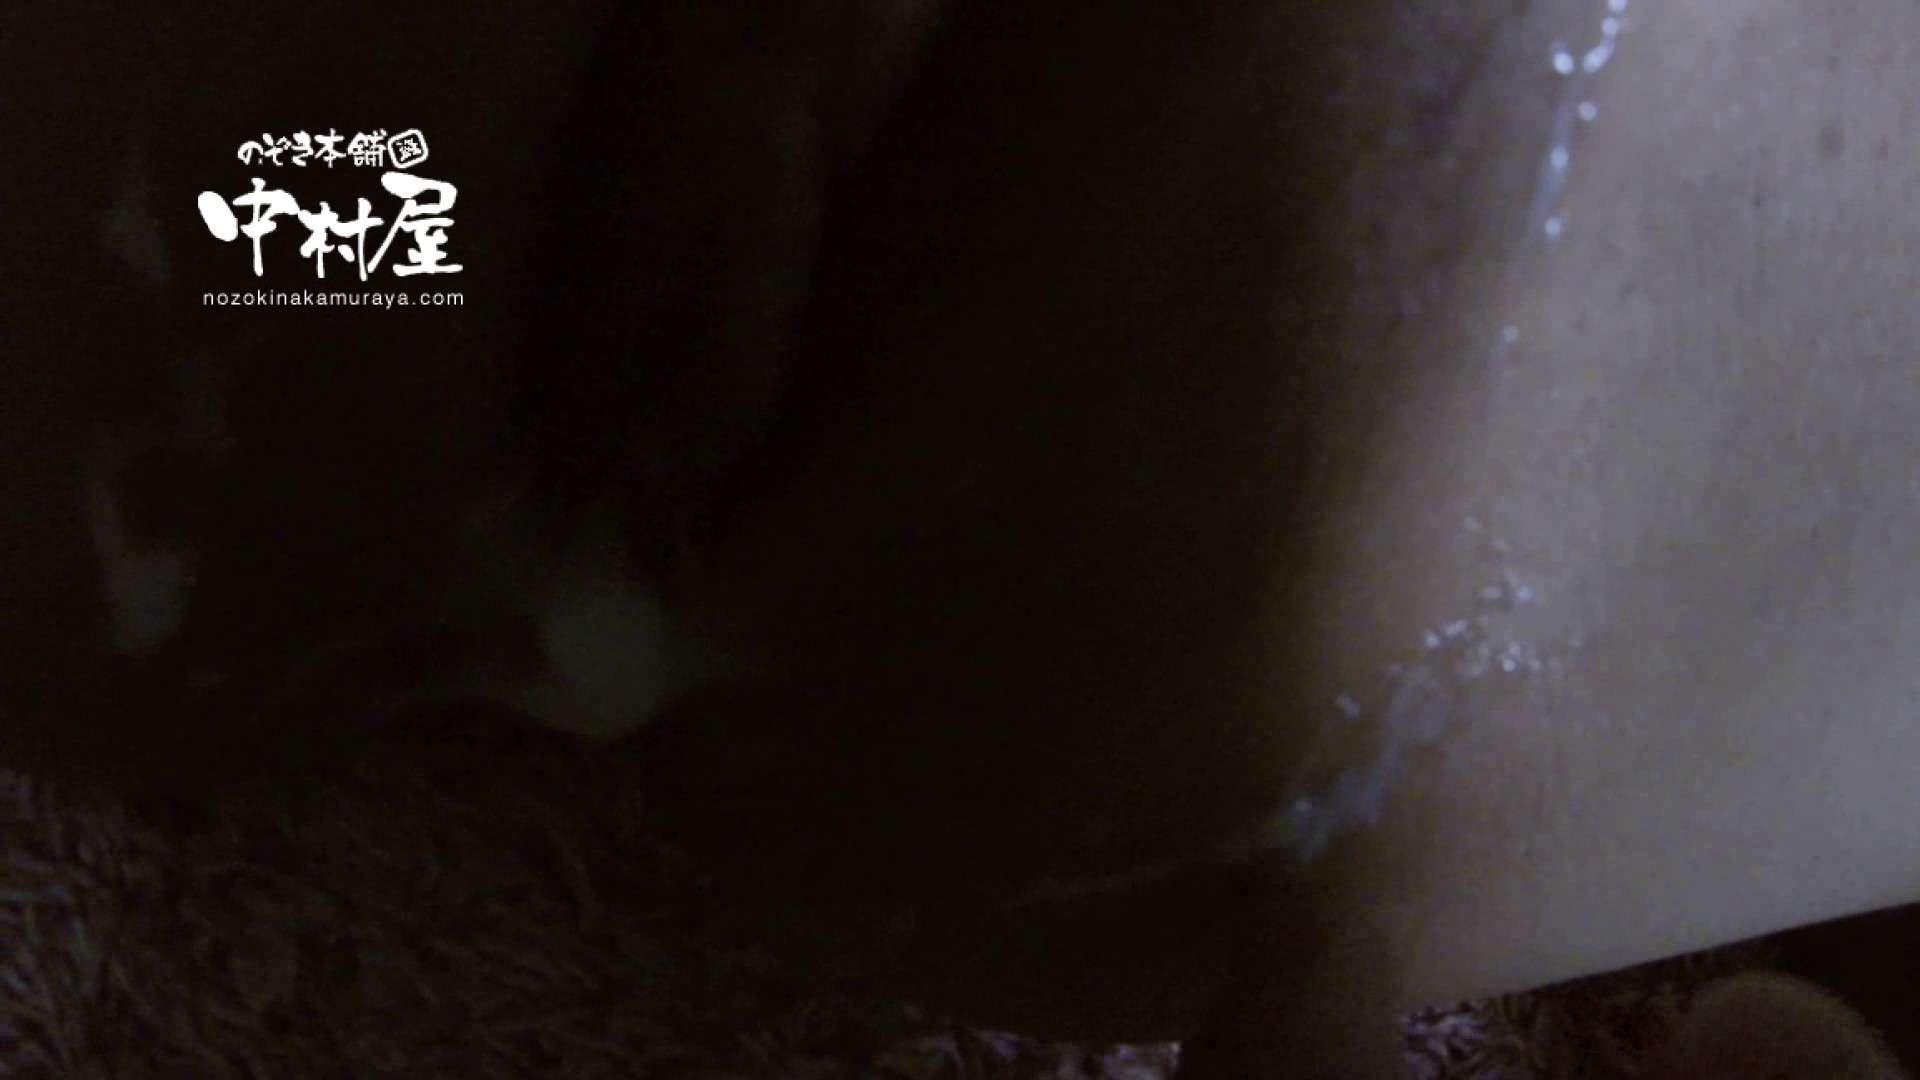 鬼畜 vol.10 あぁ無情…中出しパイパン! 後編 中出し | パイパン  100PICs 17